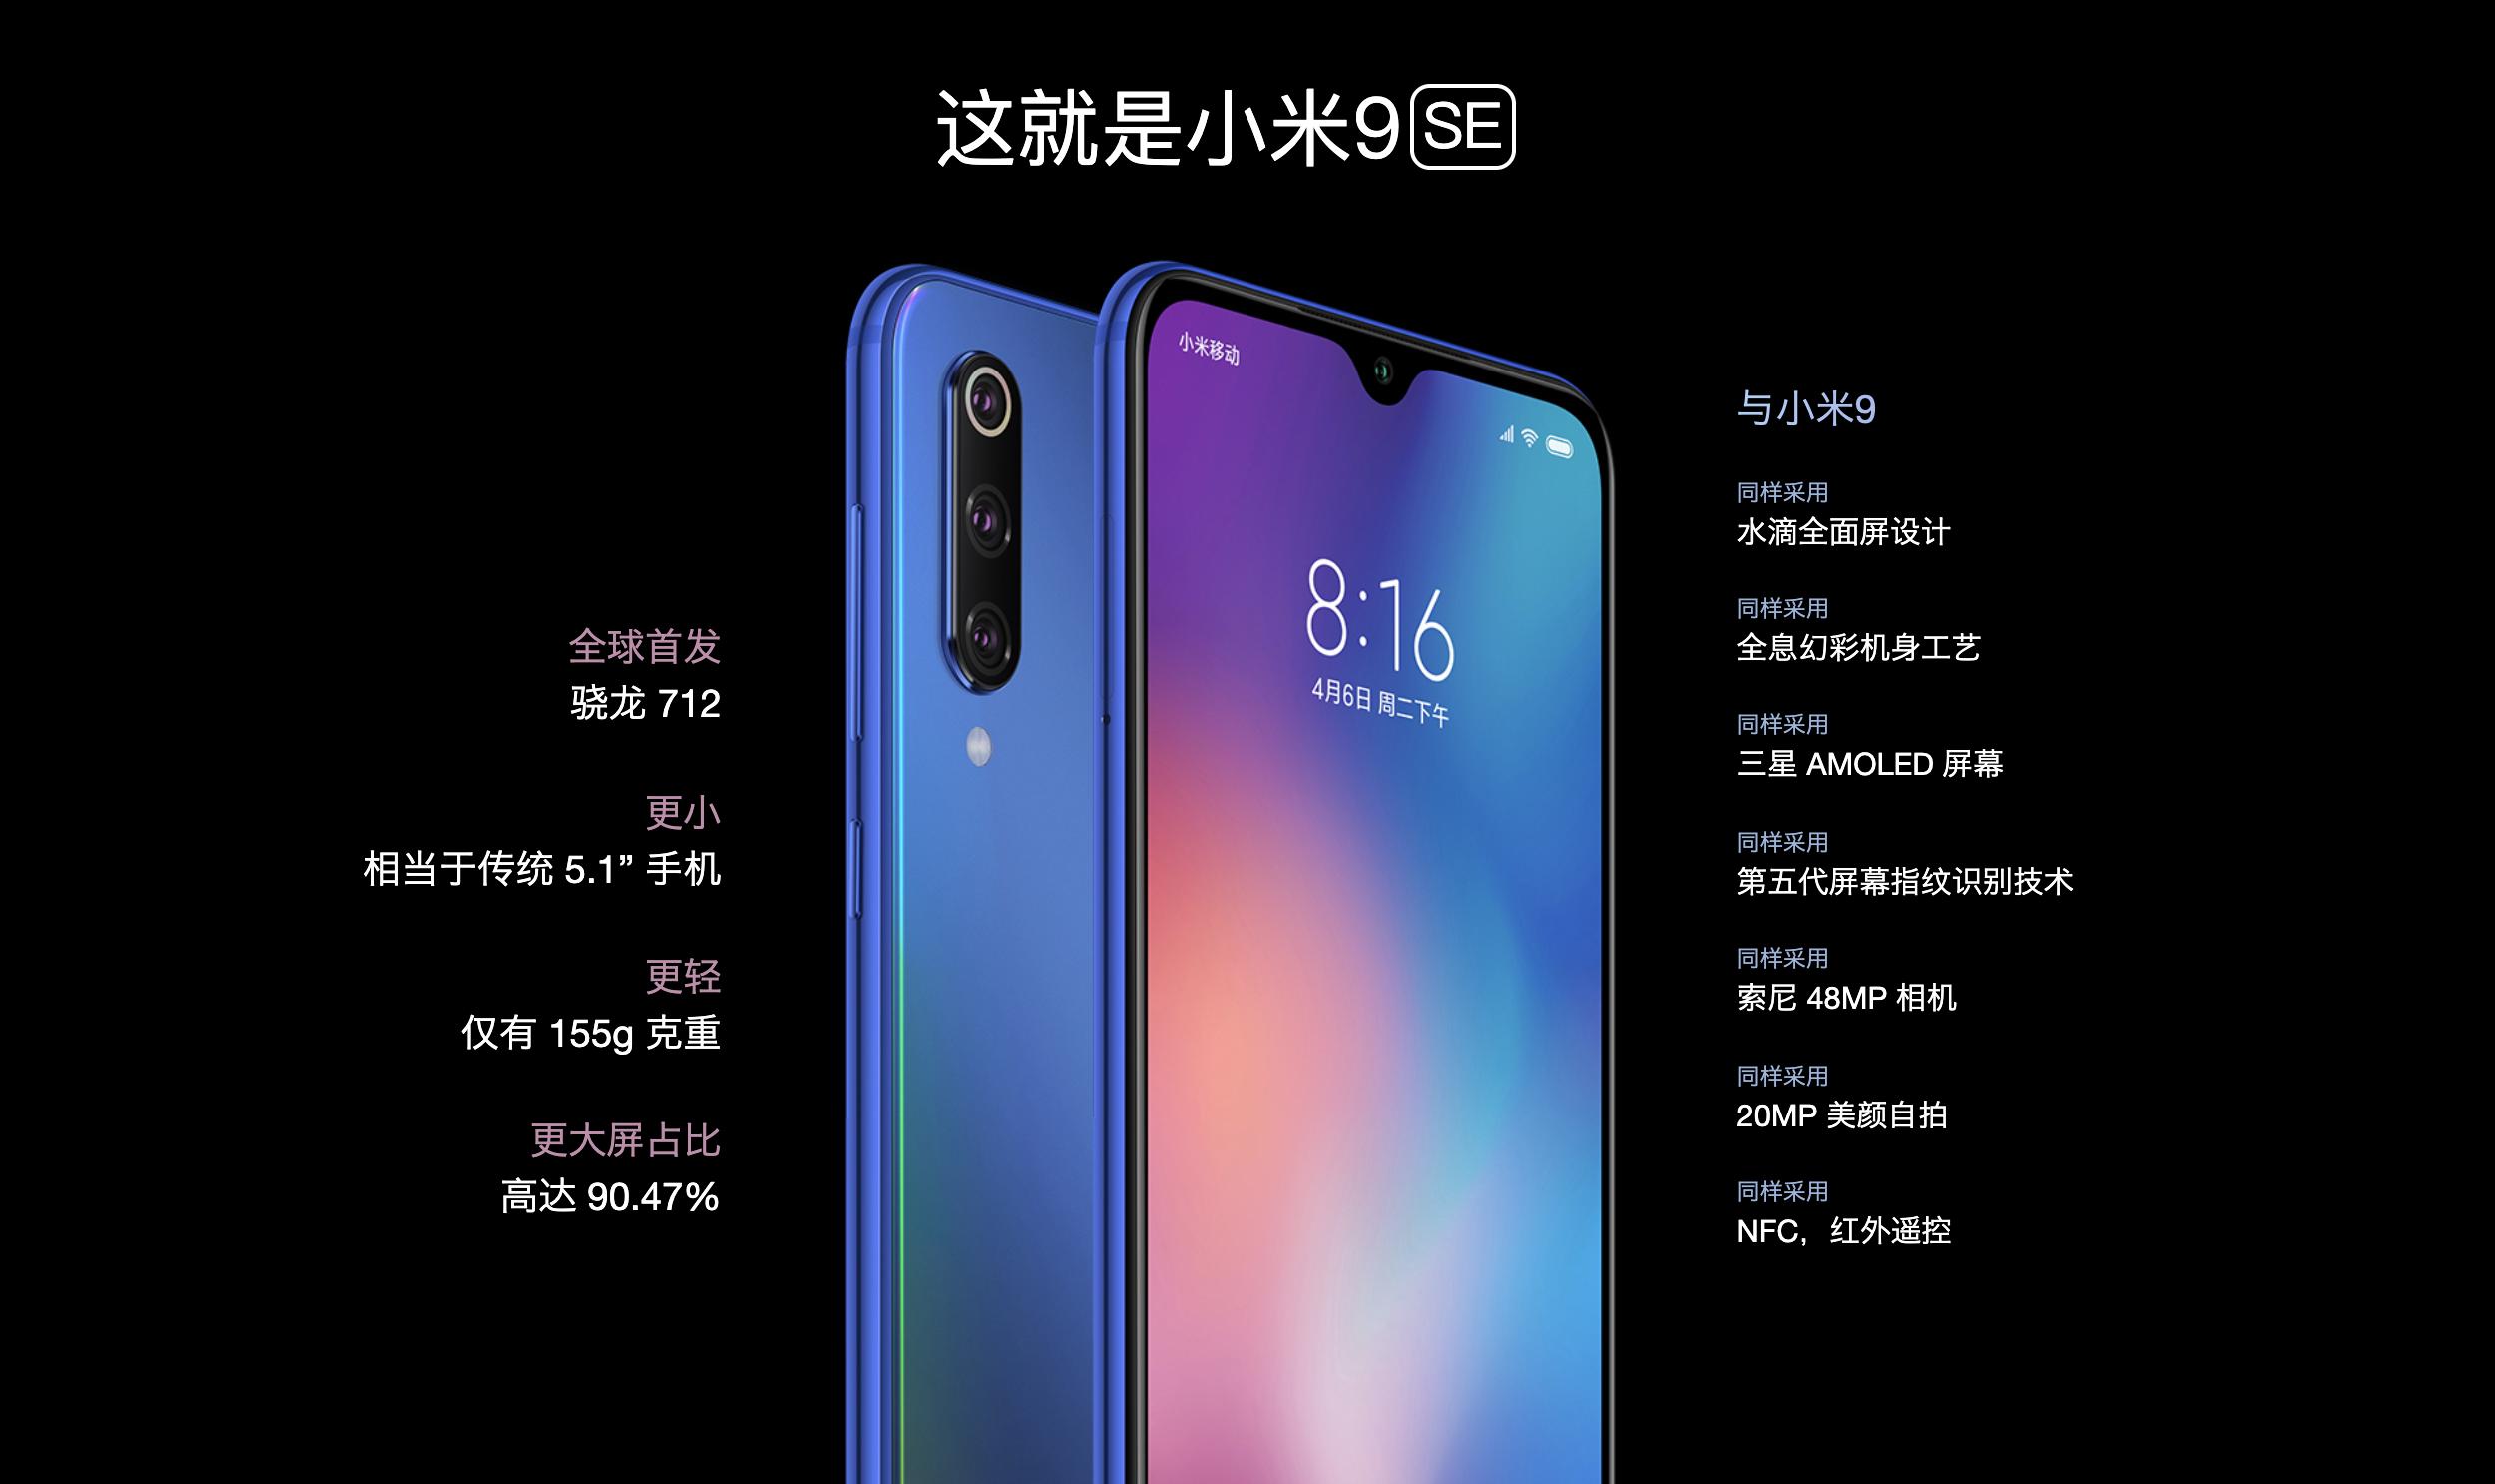 Xiaomi Mi 9 SEのイメージ